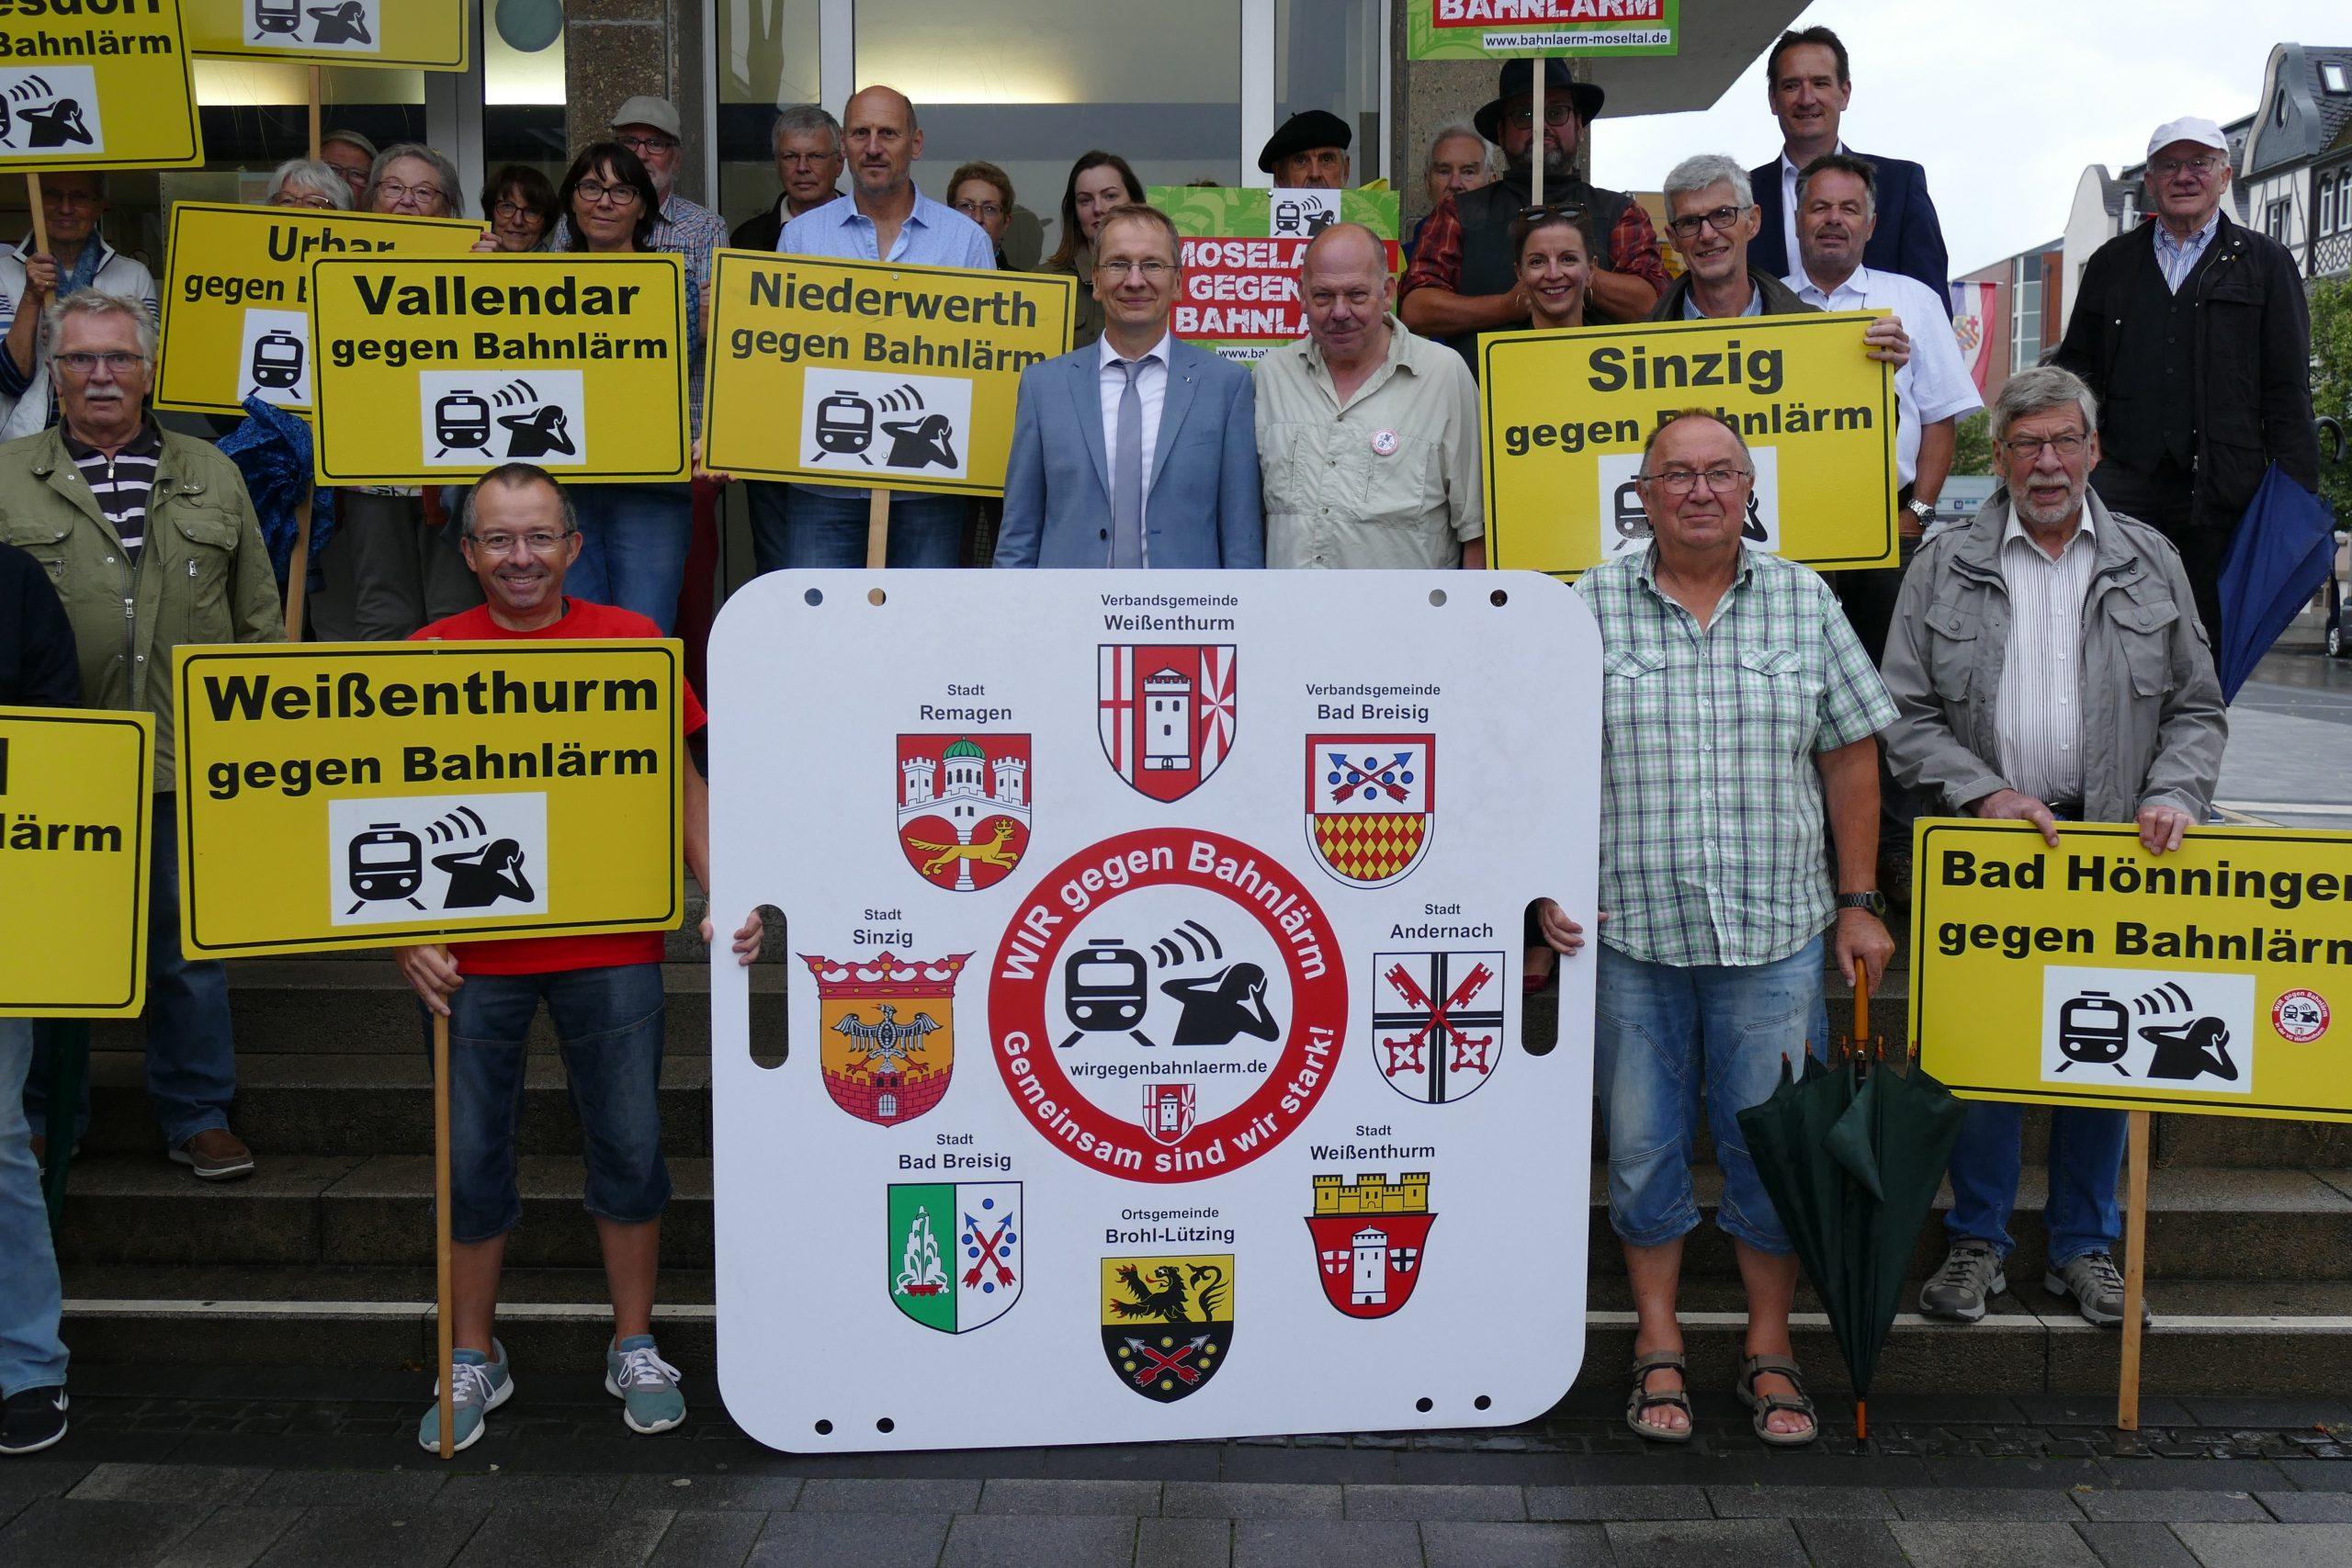 Teilnahme-an-der-Veranstaltung-Wir-gegen-Bahnlärm-in-Neuwied